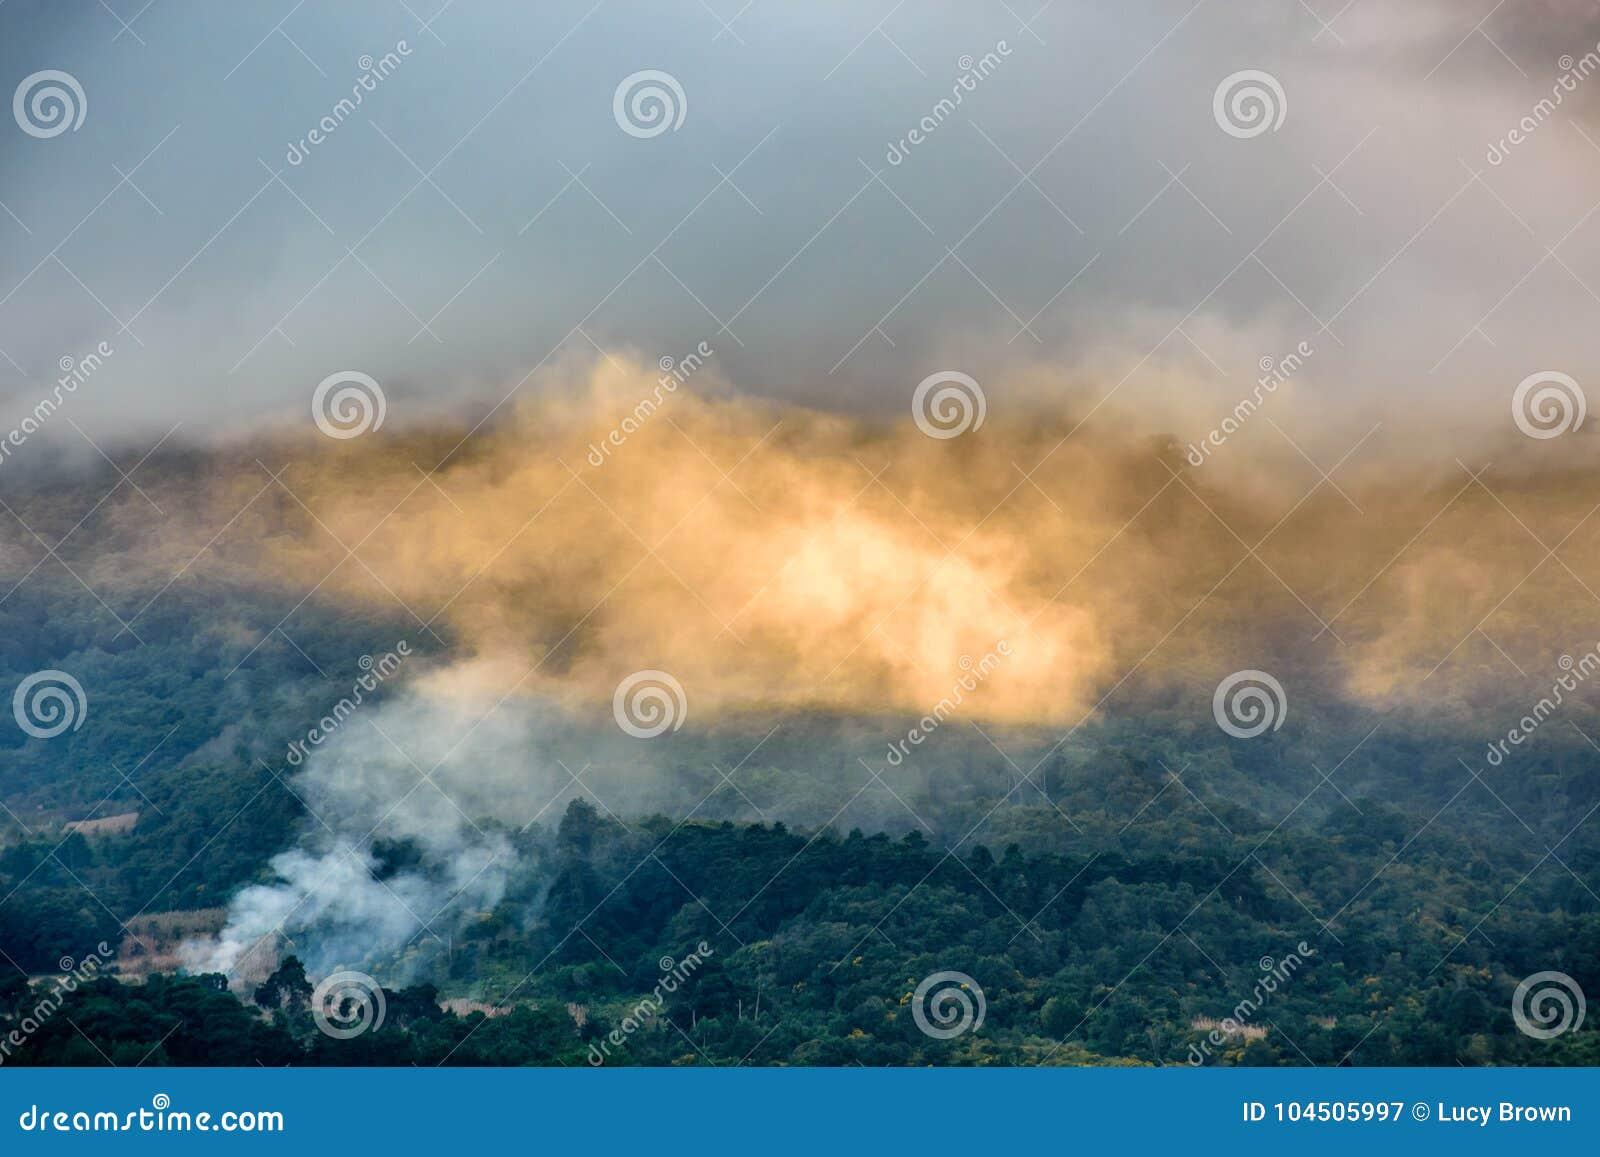 Дым & облака осветили золотым солнечным светом на заросшем лесом наклоне